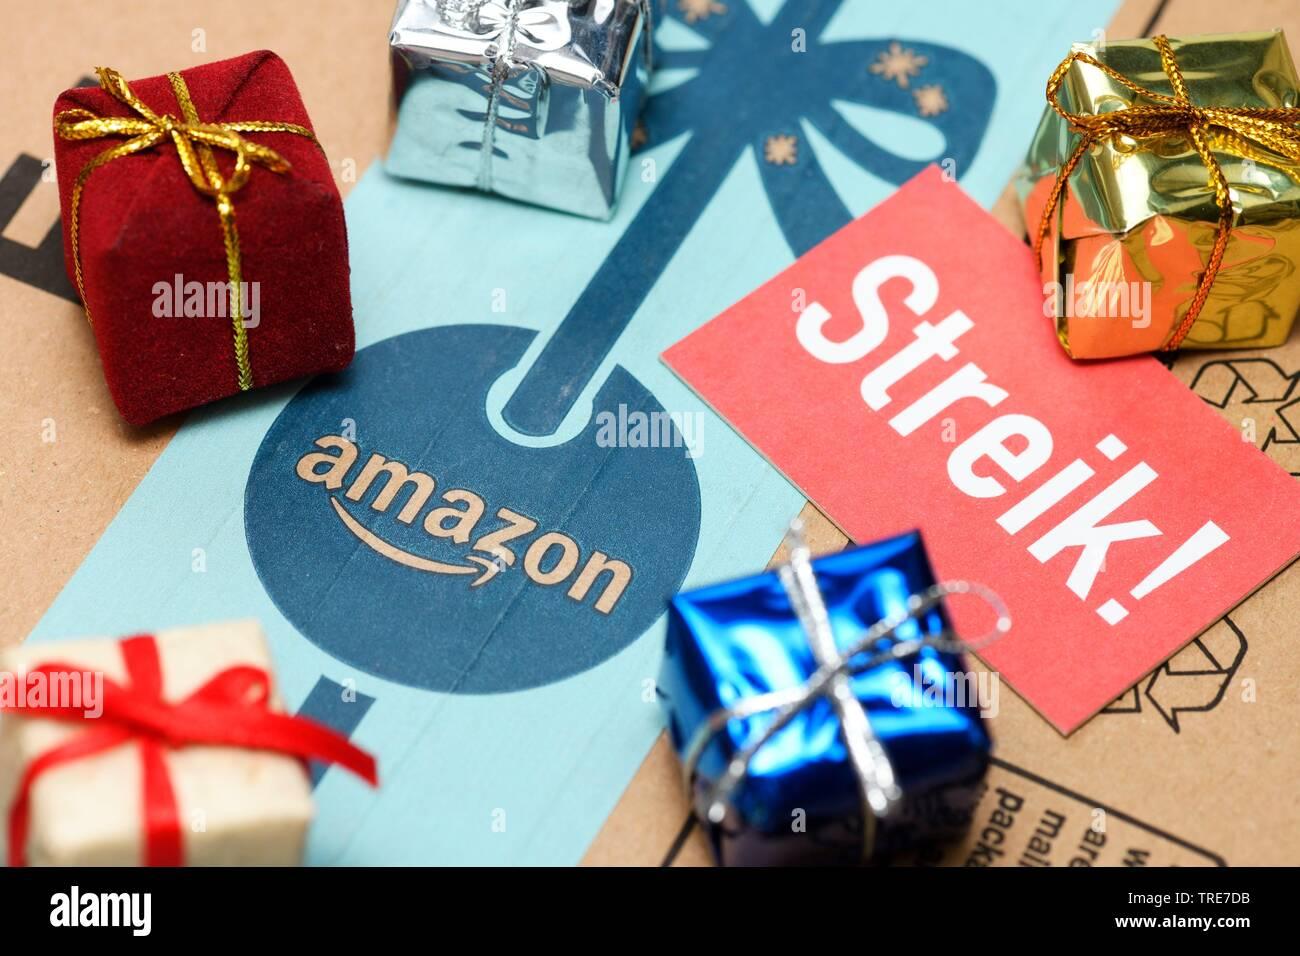 Streik-Schild und Weihnachtsgeschenke auf Amazon-Paket, Deutschland | walkout at amazon, Germany | BLWS519207.jpg [ (c) blickwinkel/McPHOTO/C. Ohde Te - Stock Image